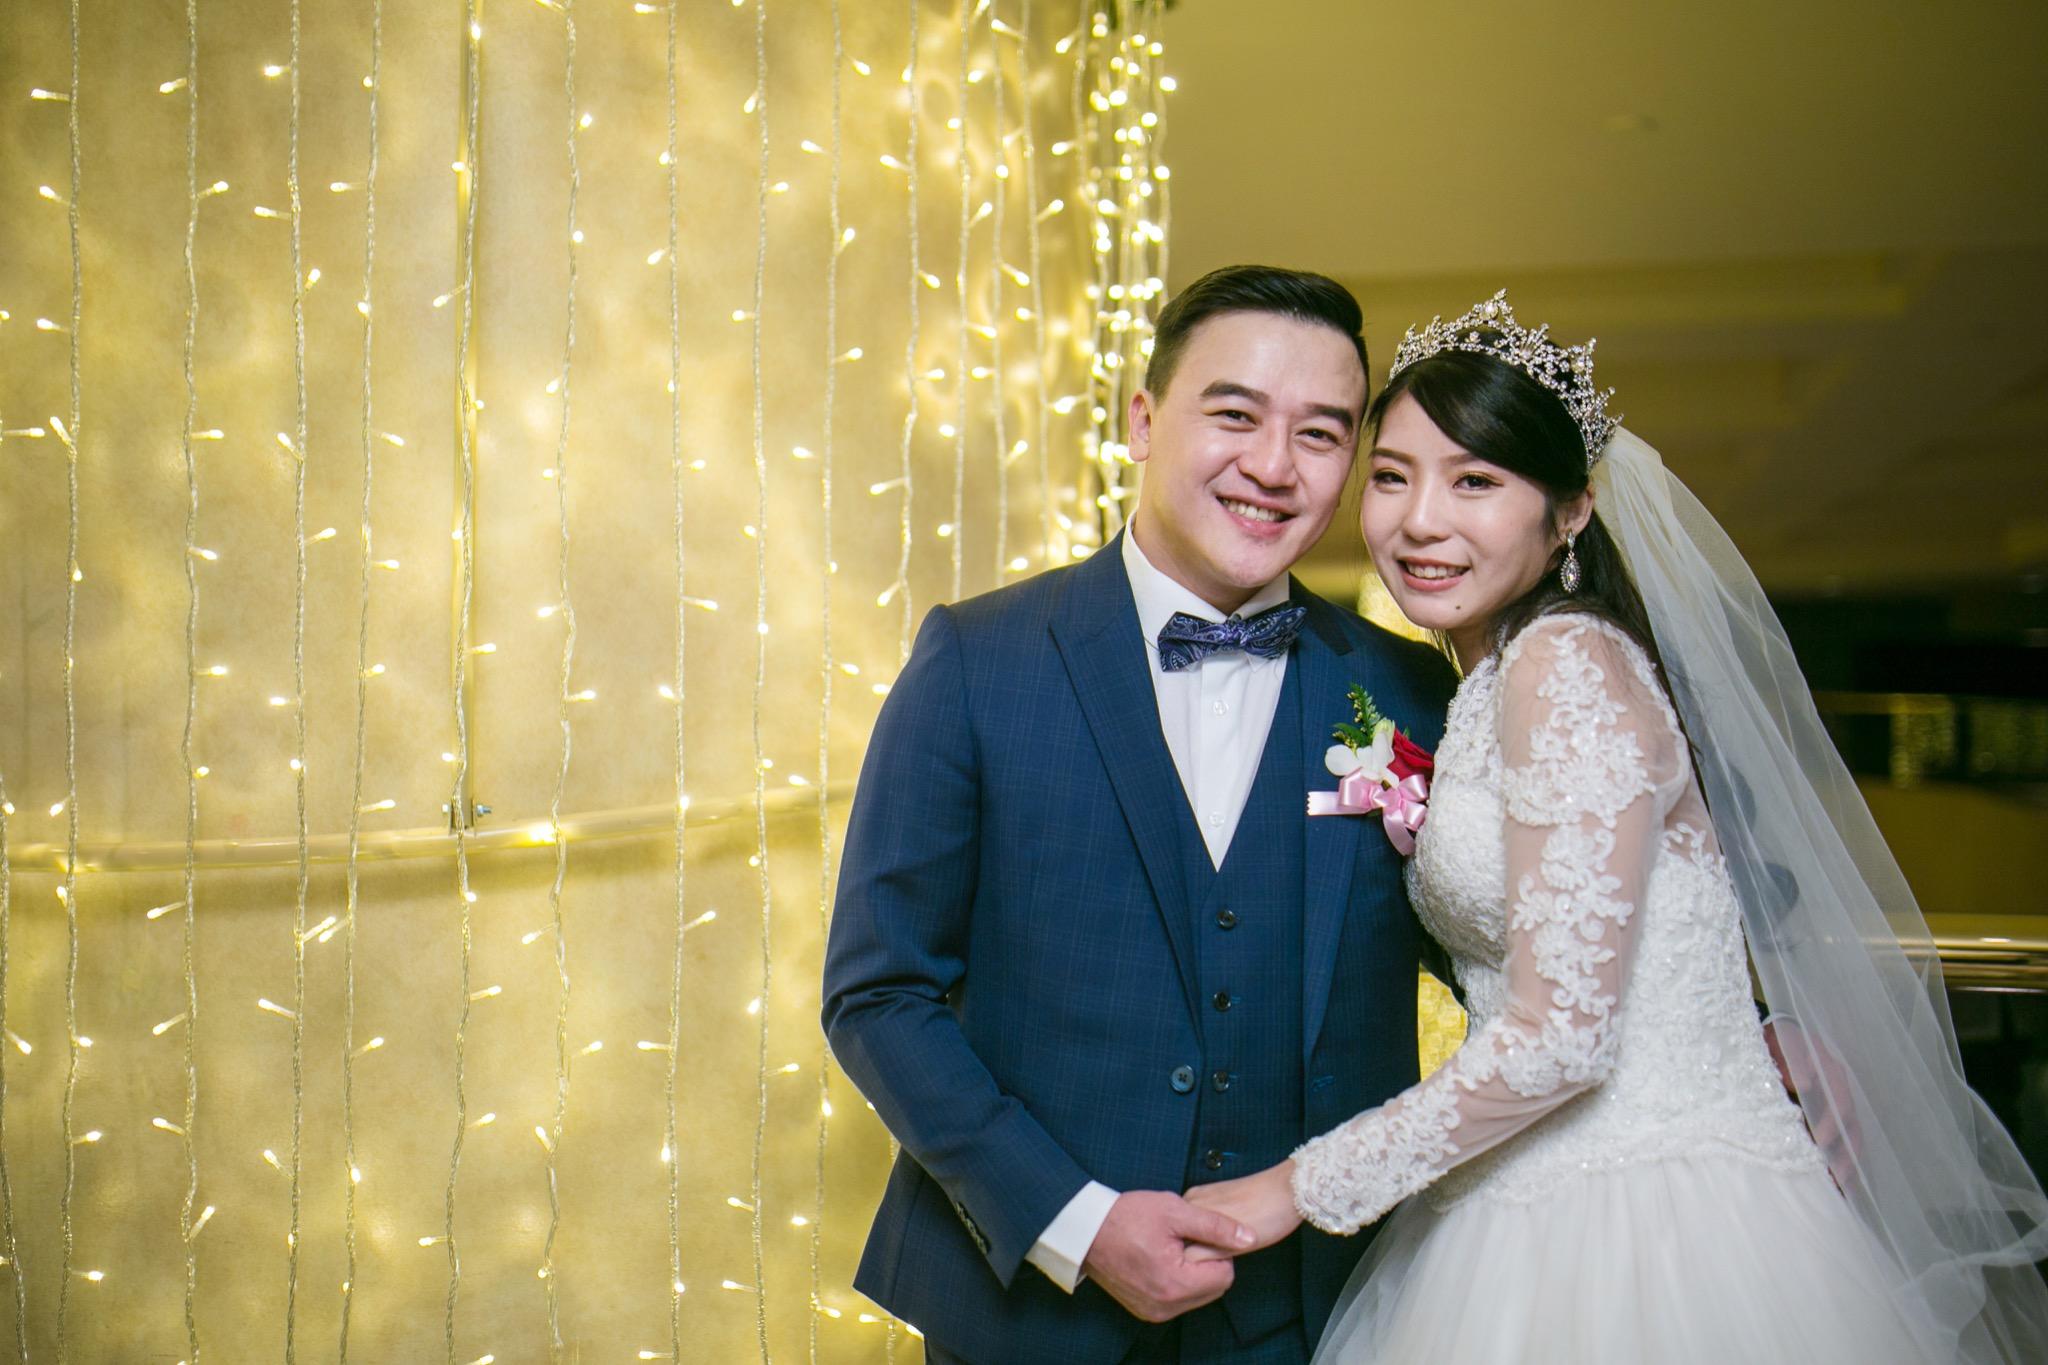 台北晶華酒店婚禮儀式,台中婚錄推薦55